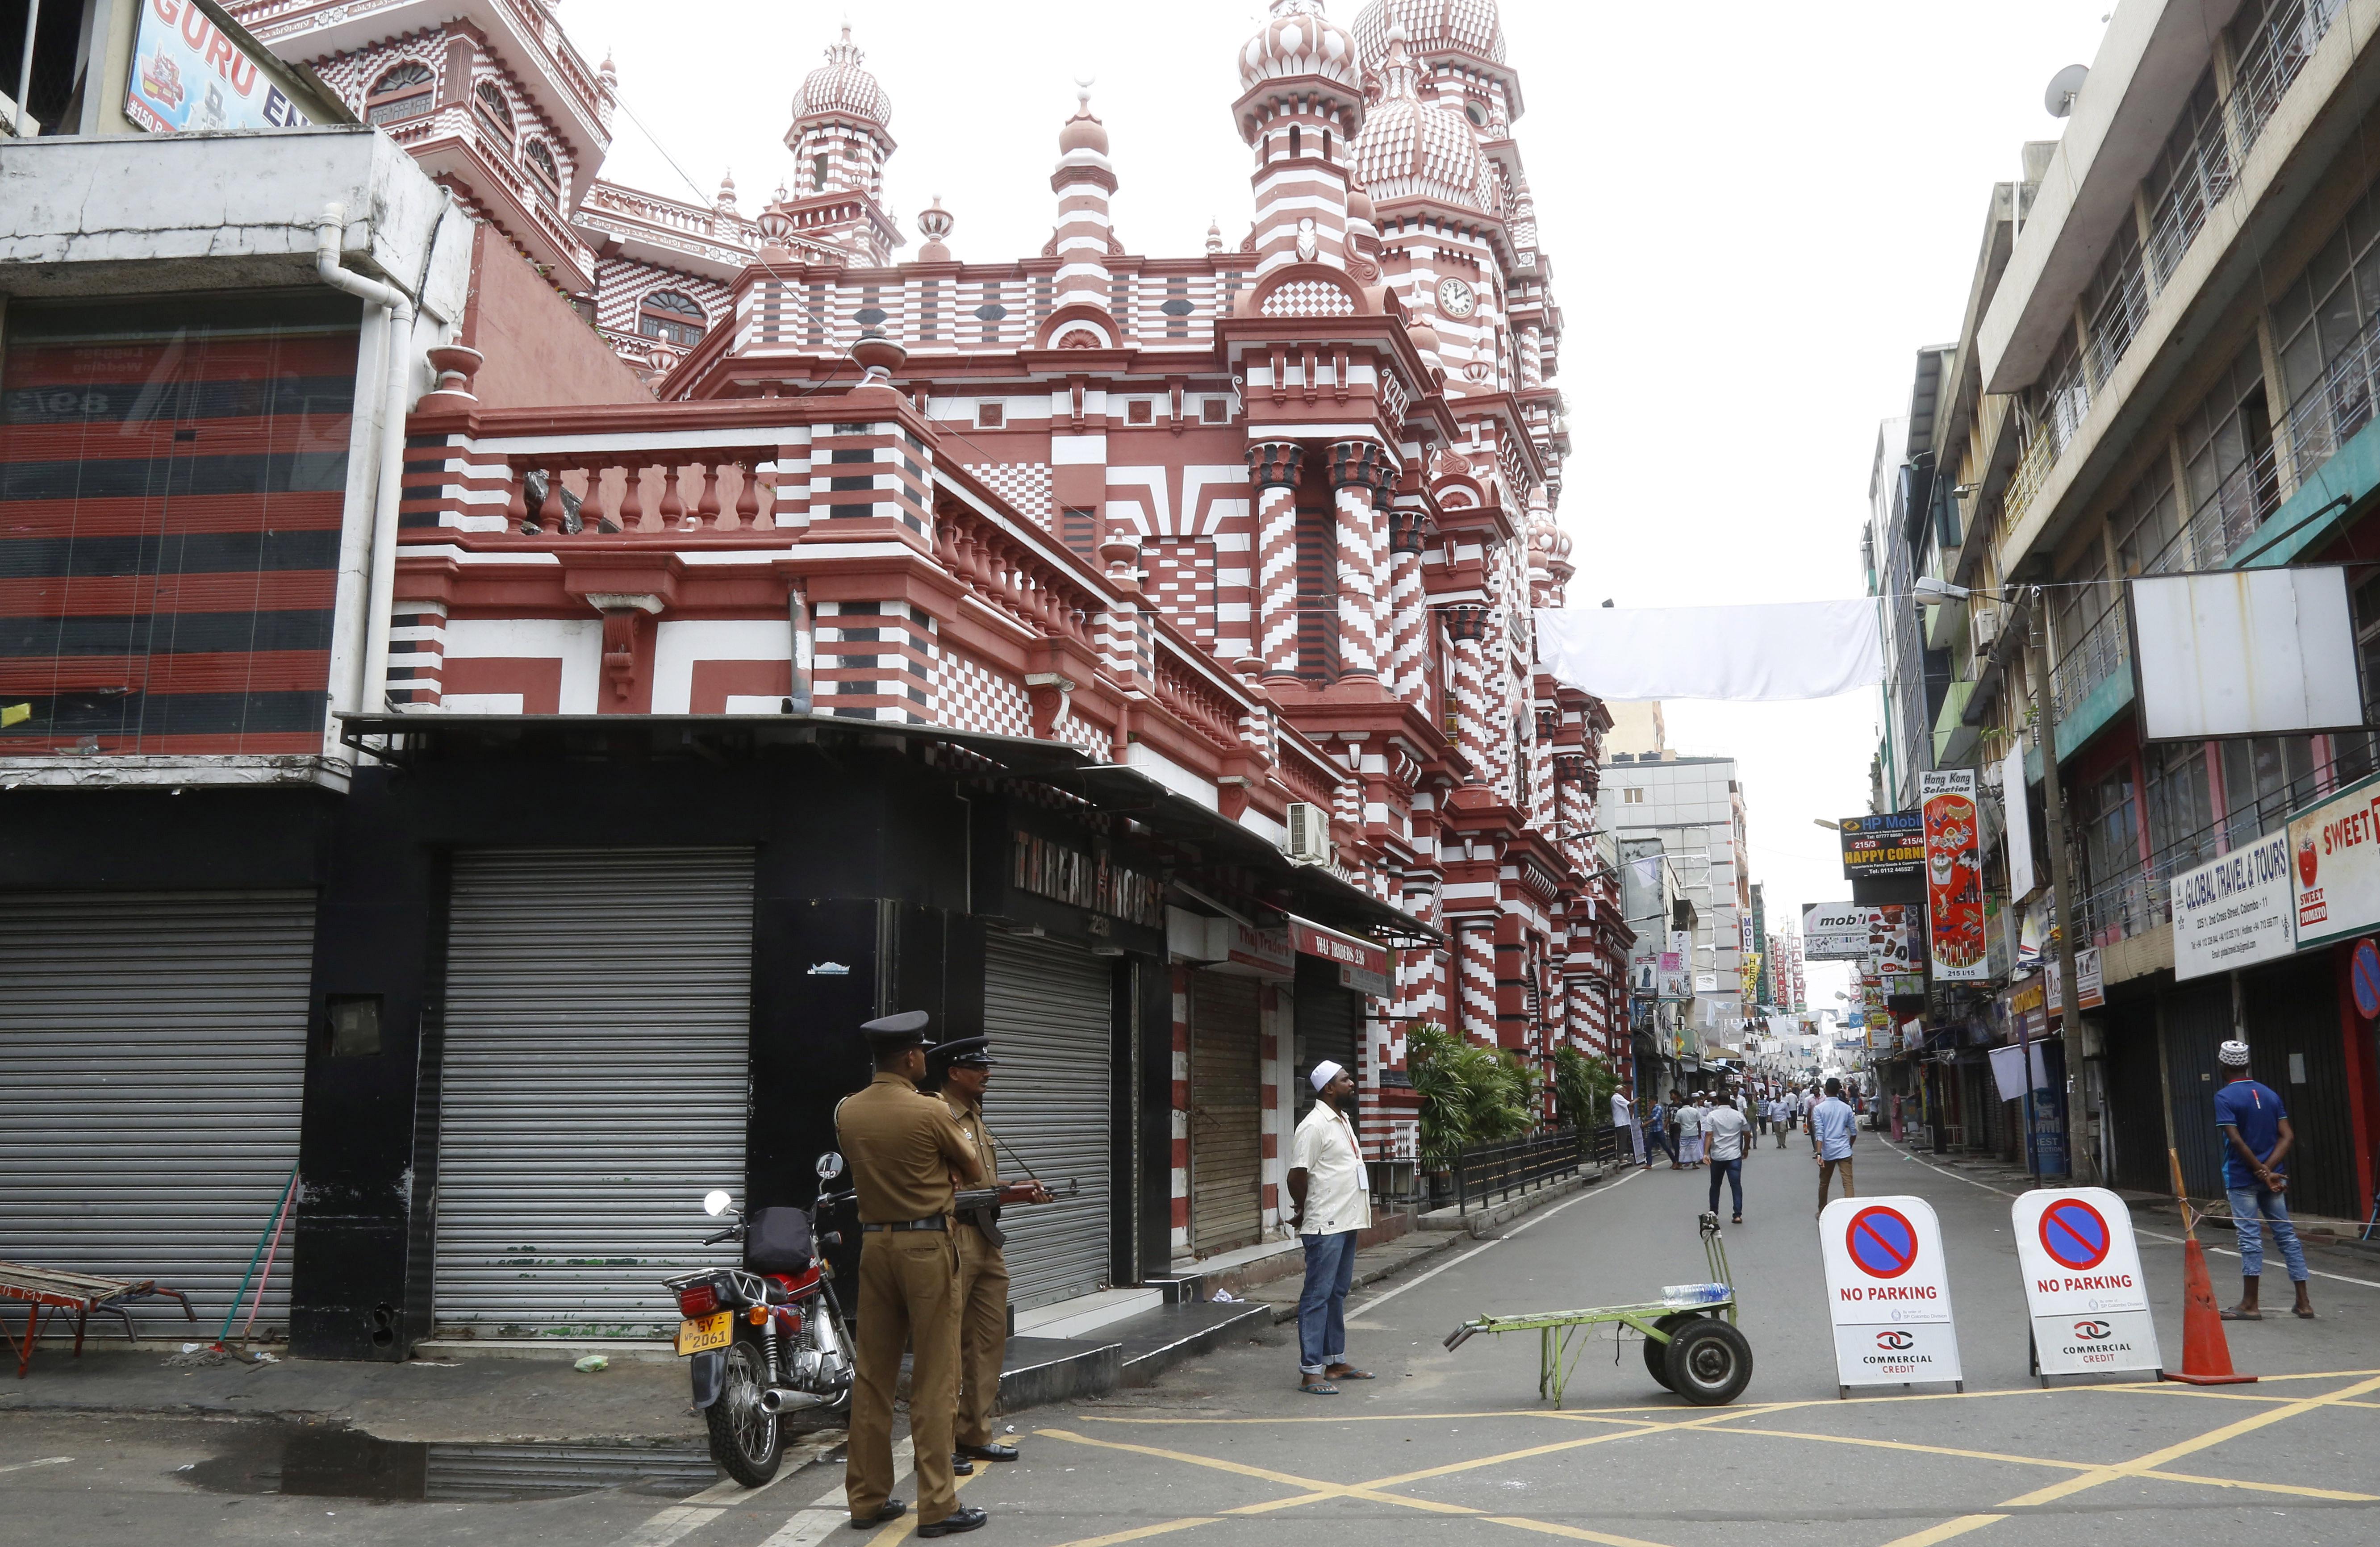 Полицията в Шри Ланка откри 15 тела след престрелка и експлозии в къща на източния бряг. Късно снощи полицейски командоси, подкрепени от армията, обградиха къща в Сайнтамуруту, на 360 км източно от столицата Коломбо, заради подозрения, че е свързана с атентатите на Великден срещу църкви и хотели. Възникнала престрелка, последвана от най-малко три експлозии.